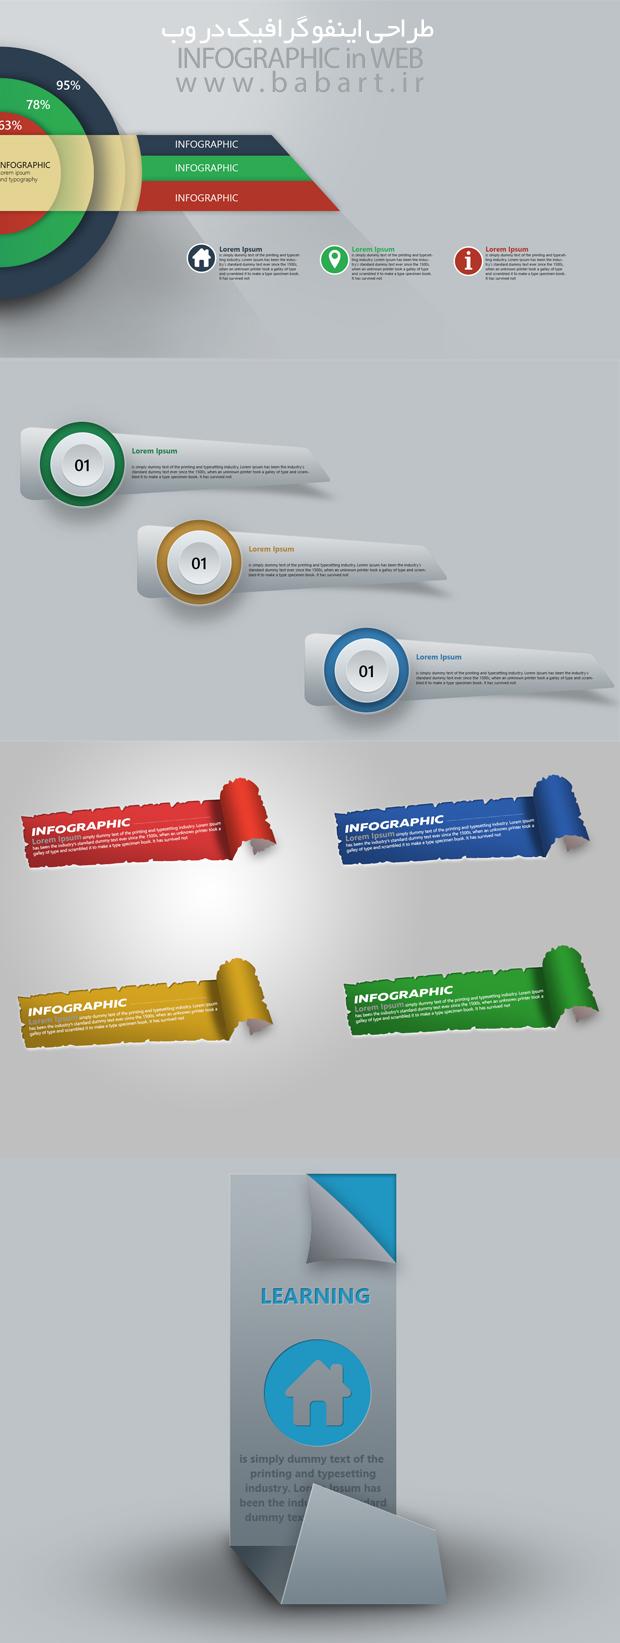 طراحی نمونه هایی از صفحات اینفو گرافیک در وب 2